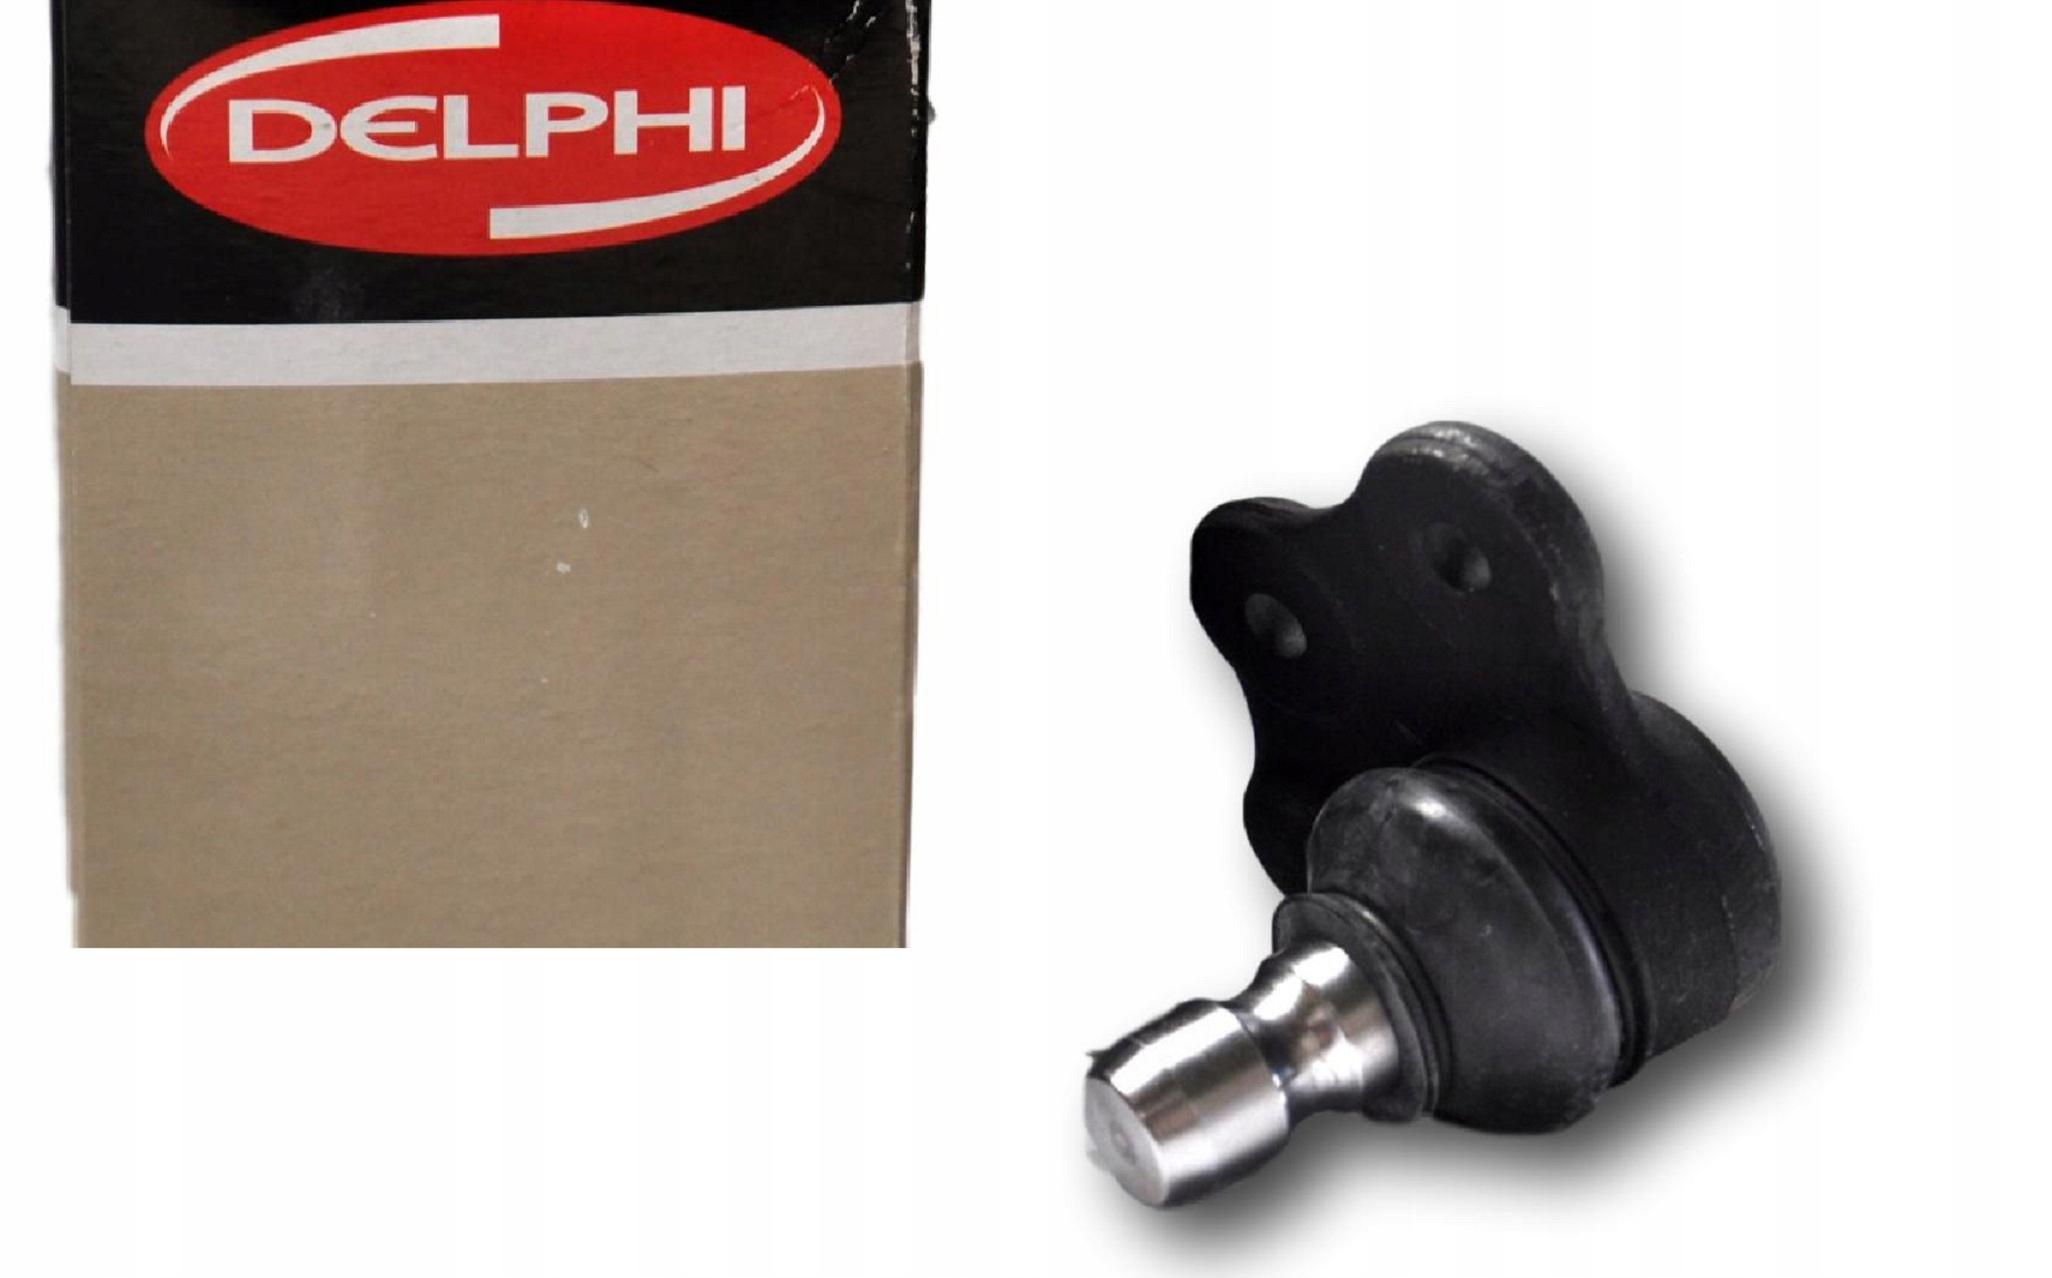 delphi болт руля tc203